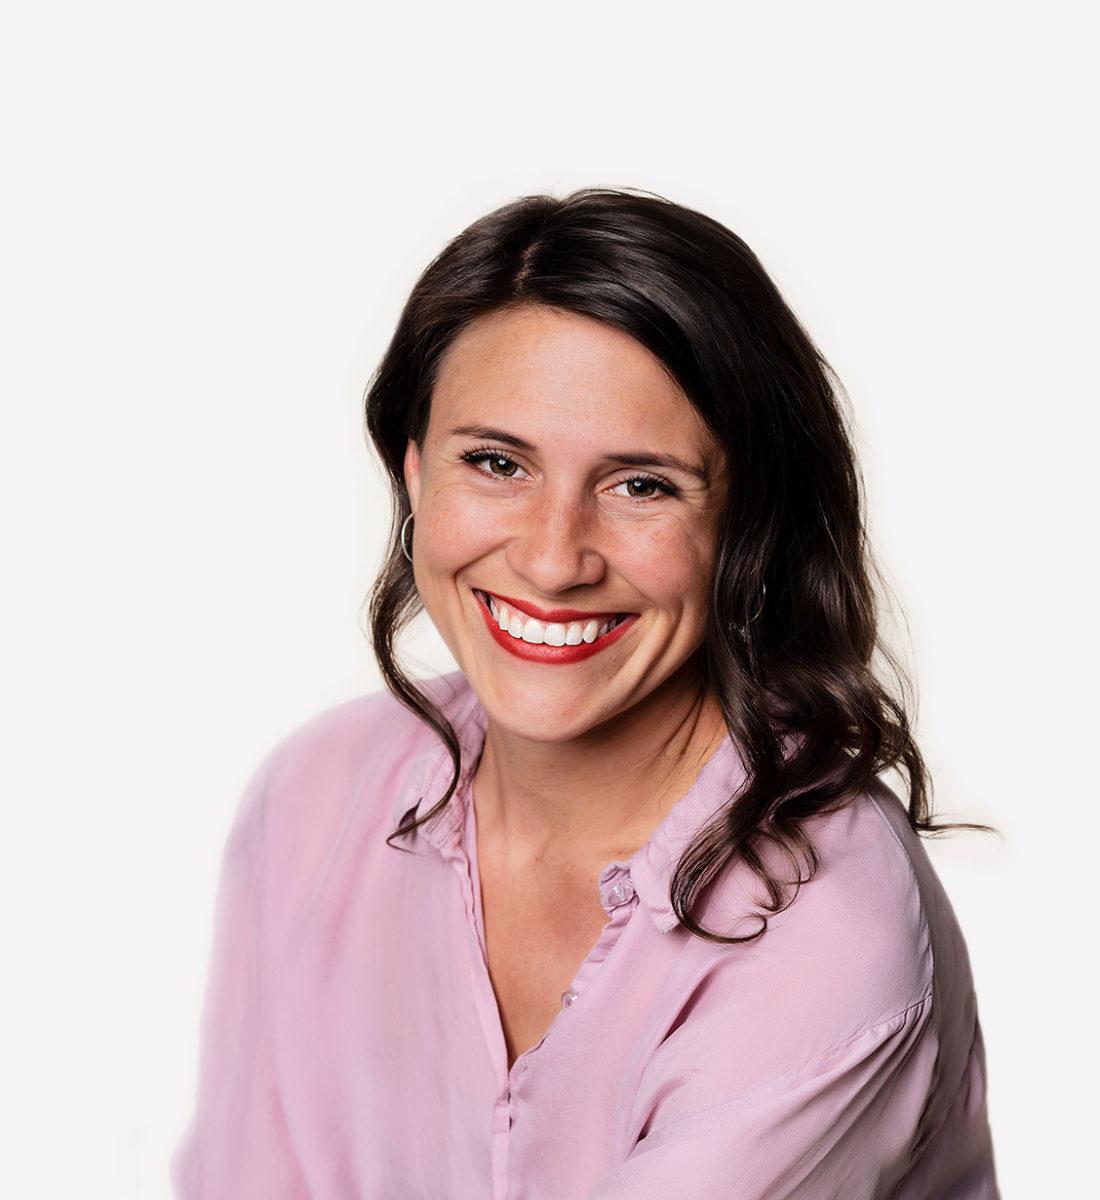 Kate Nickel